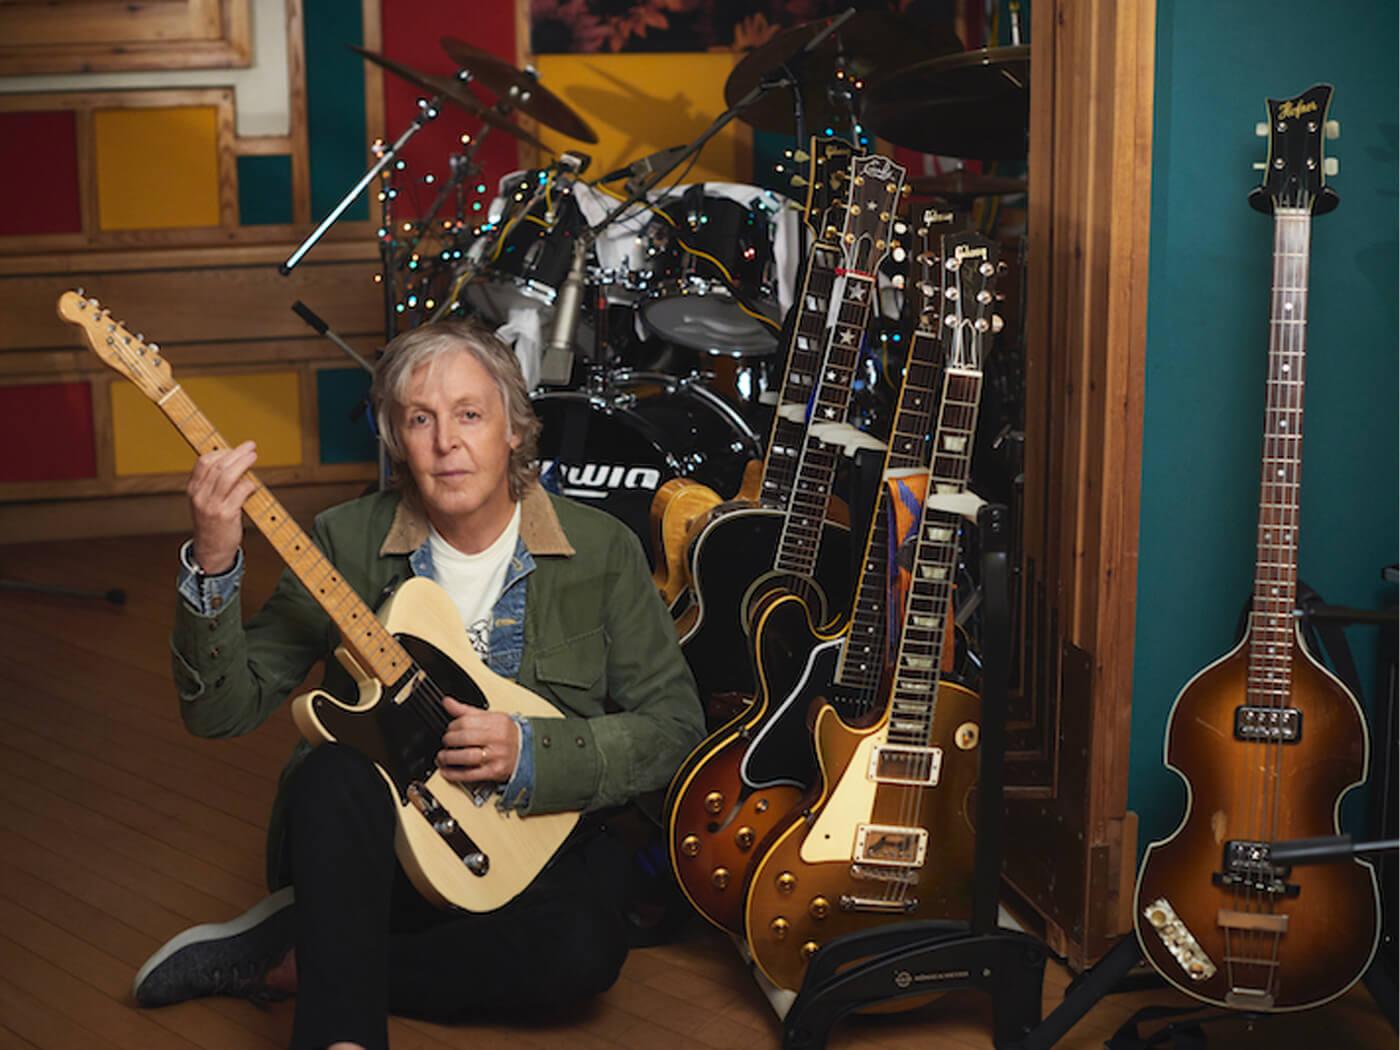 Paul McCartney 54 Fender Telecaster via Reverb.com